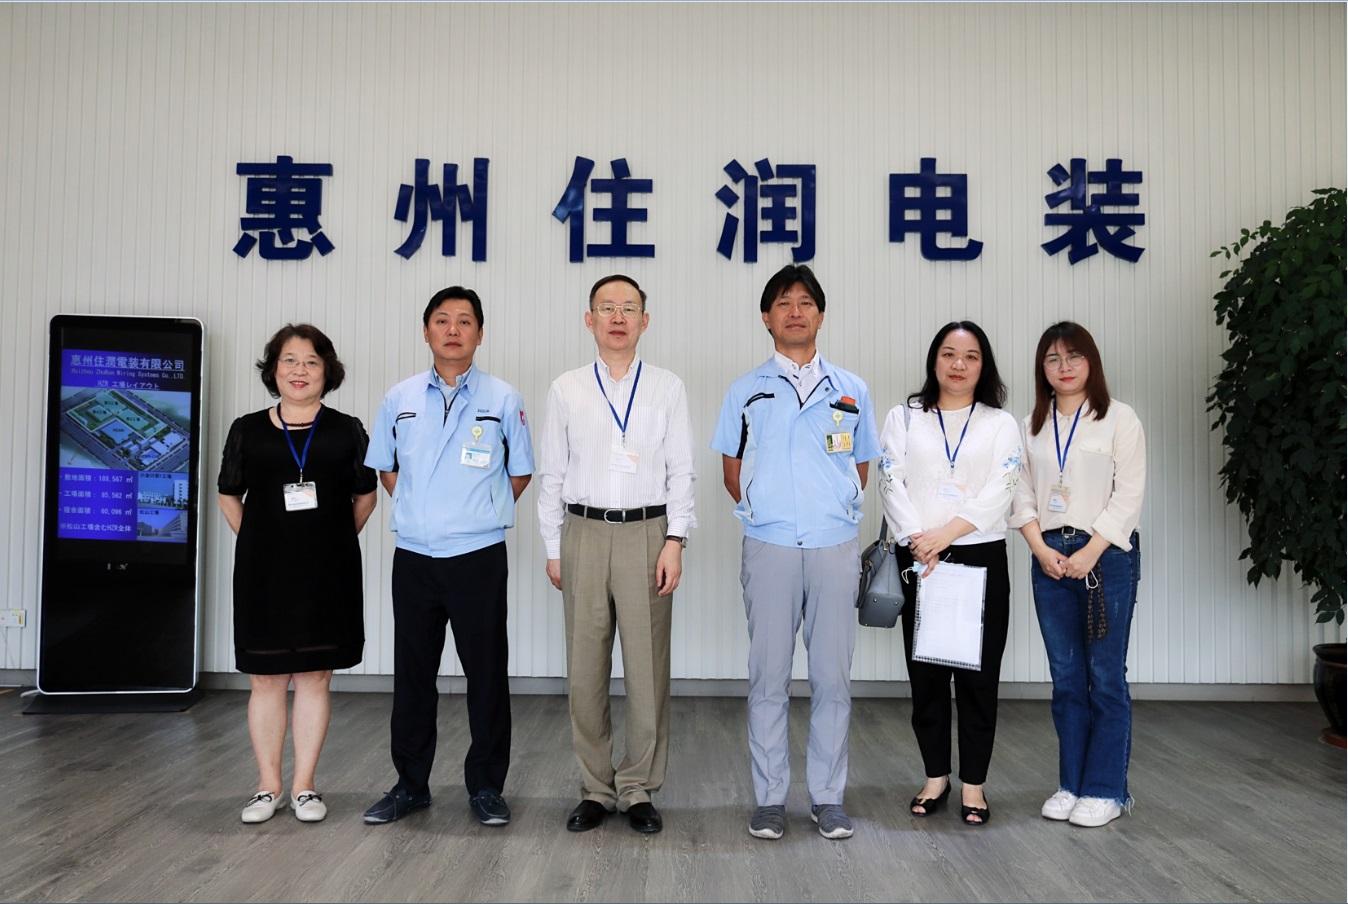 杨海涛校长带队赴惠州住润电装实习走访